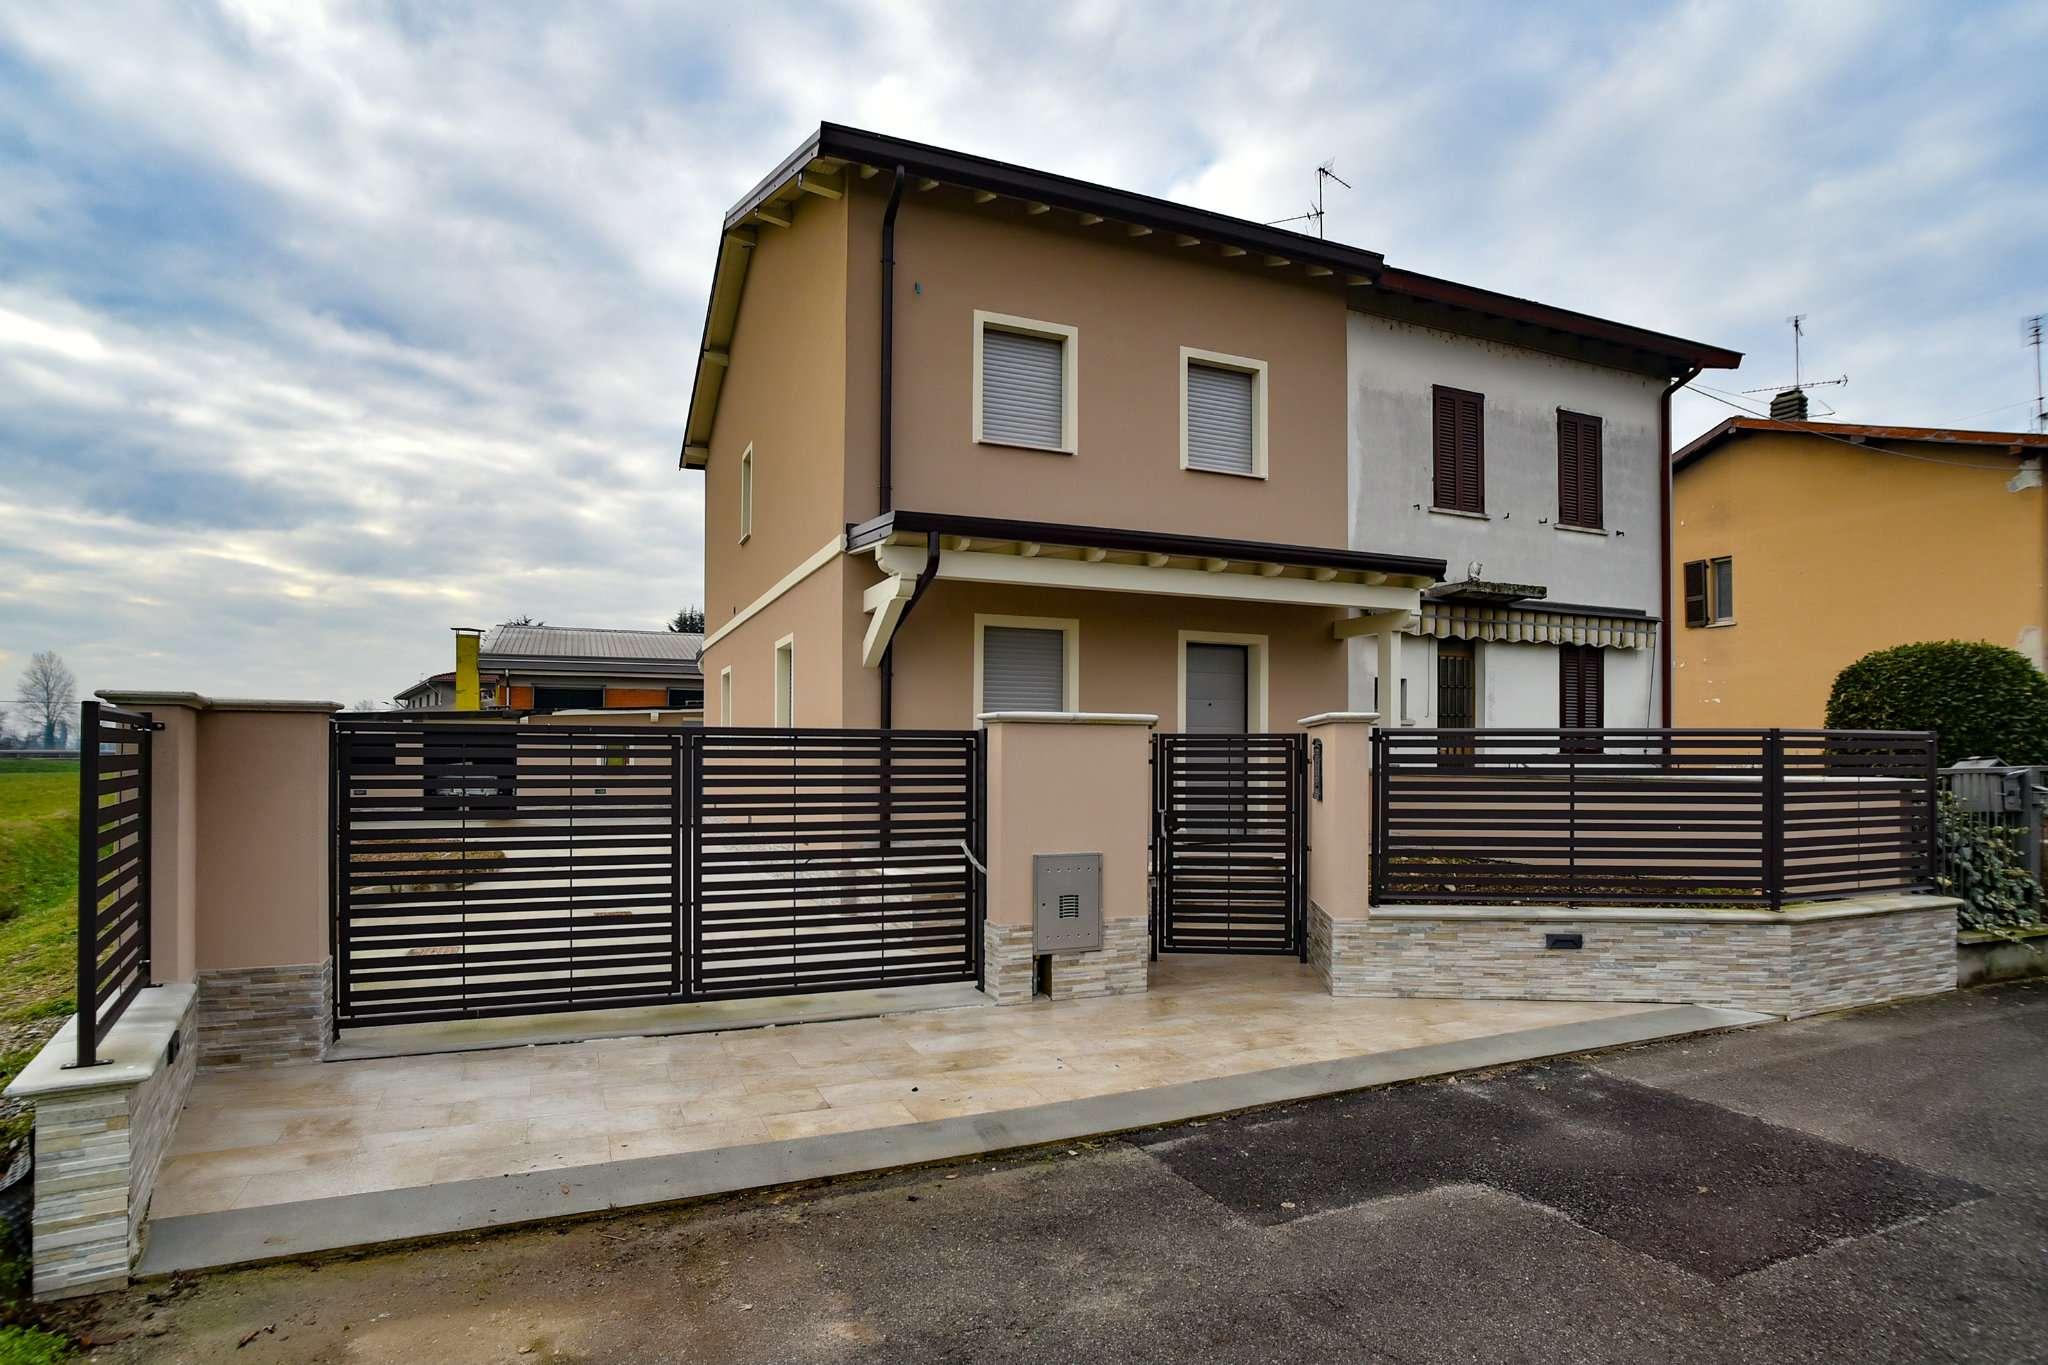 Villa Bifamiliare in vendita a Fontanella, 4 locali, prezzo € 150.000 | CambioCasa.it